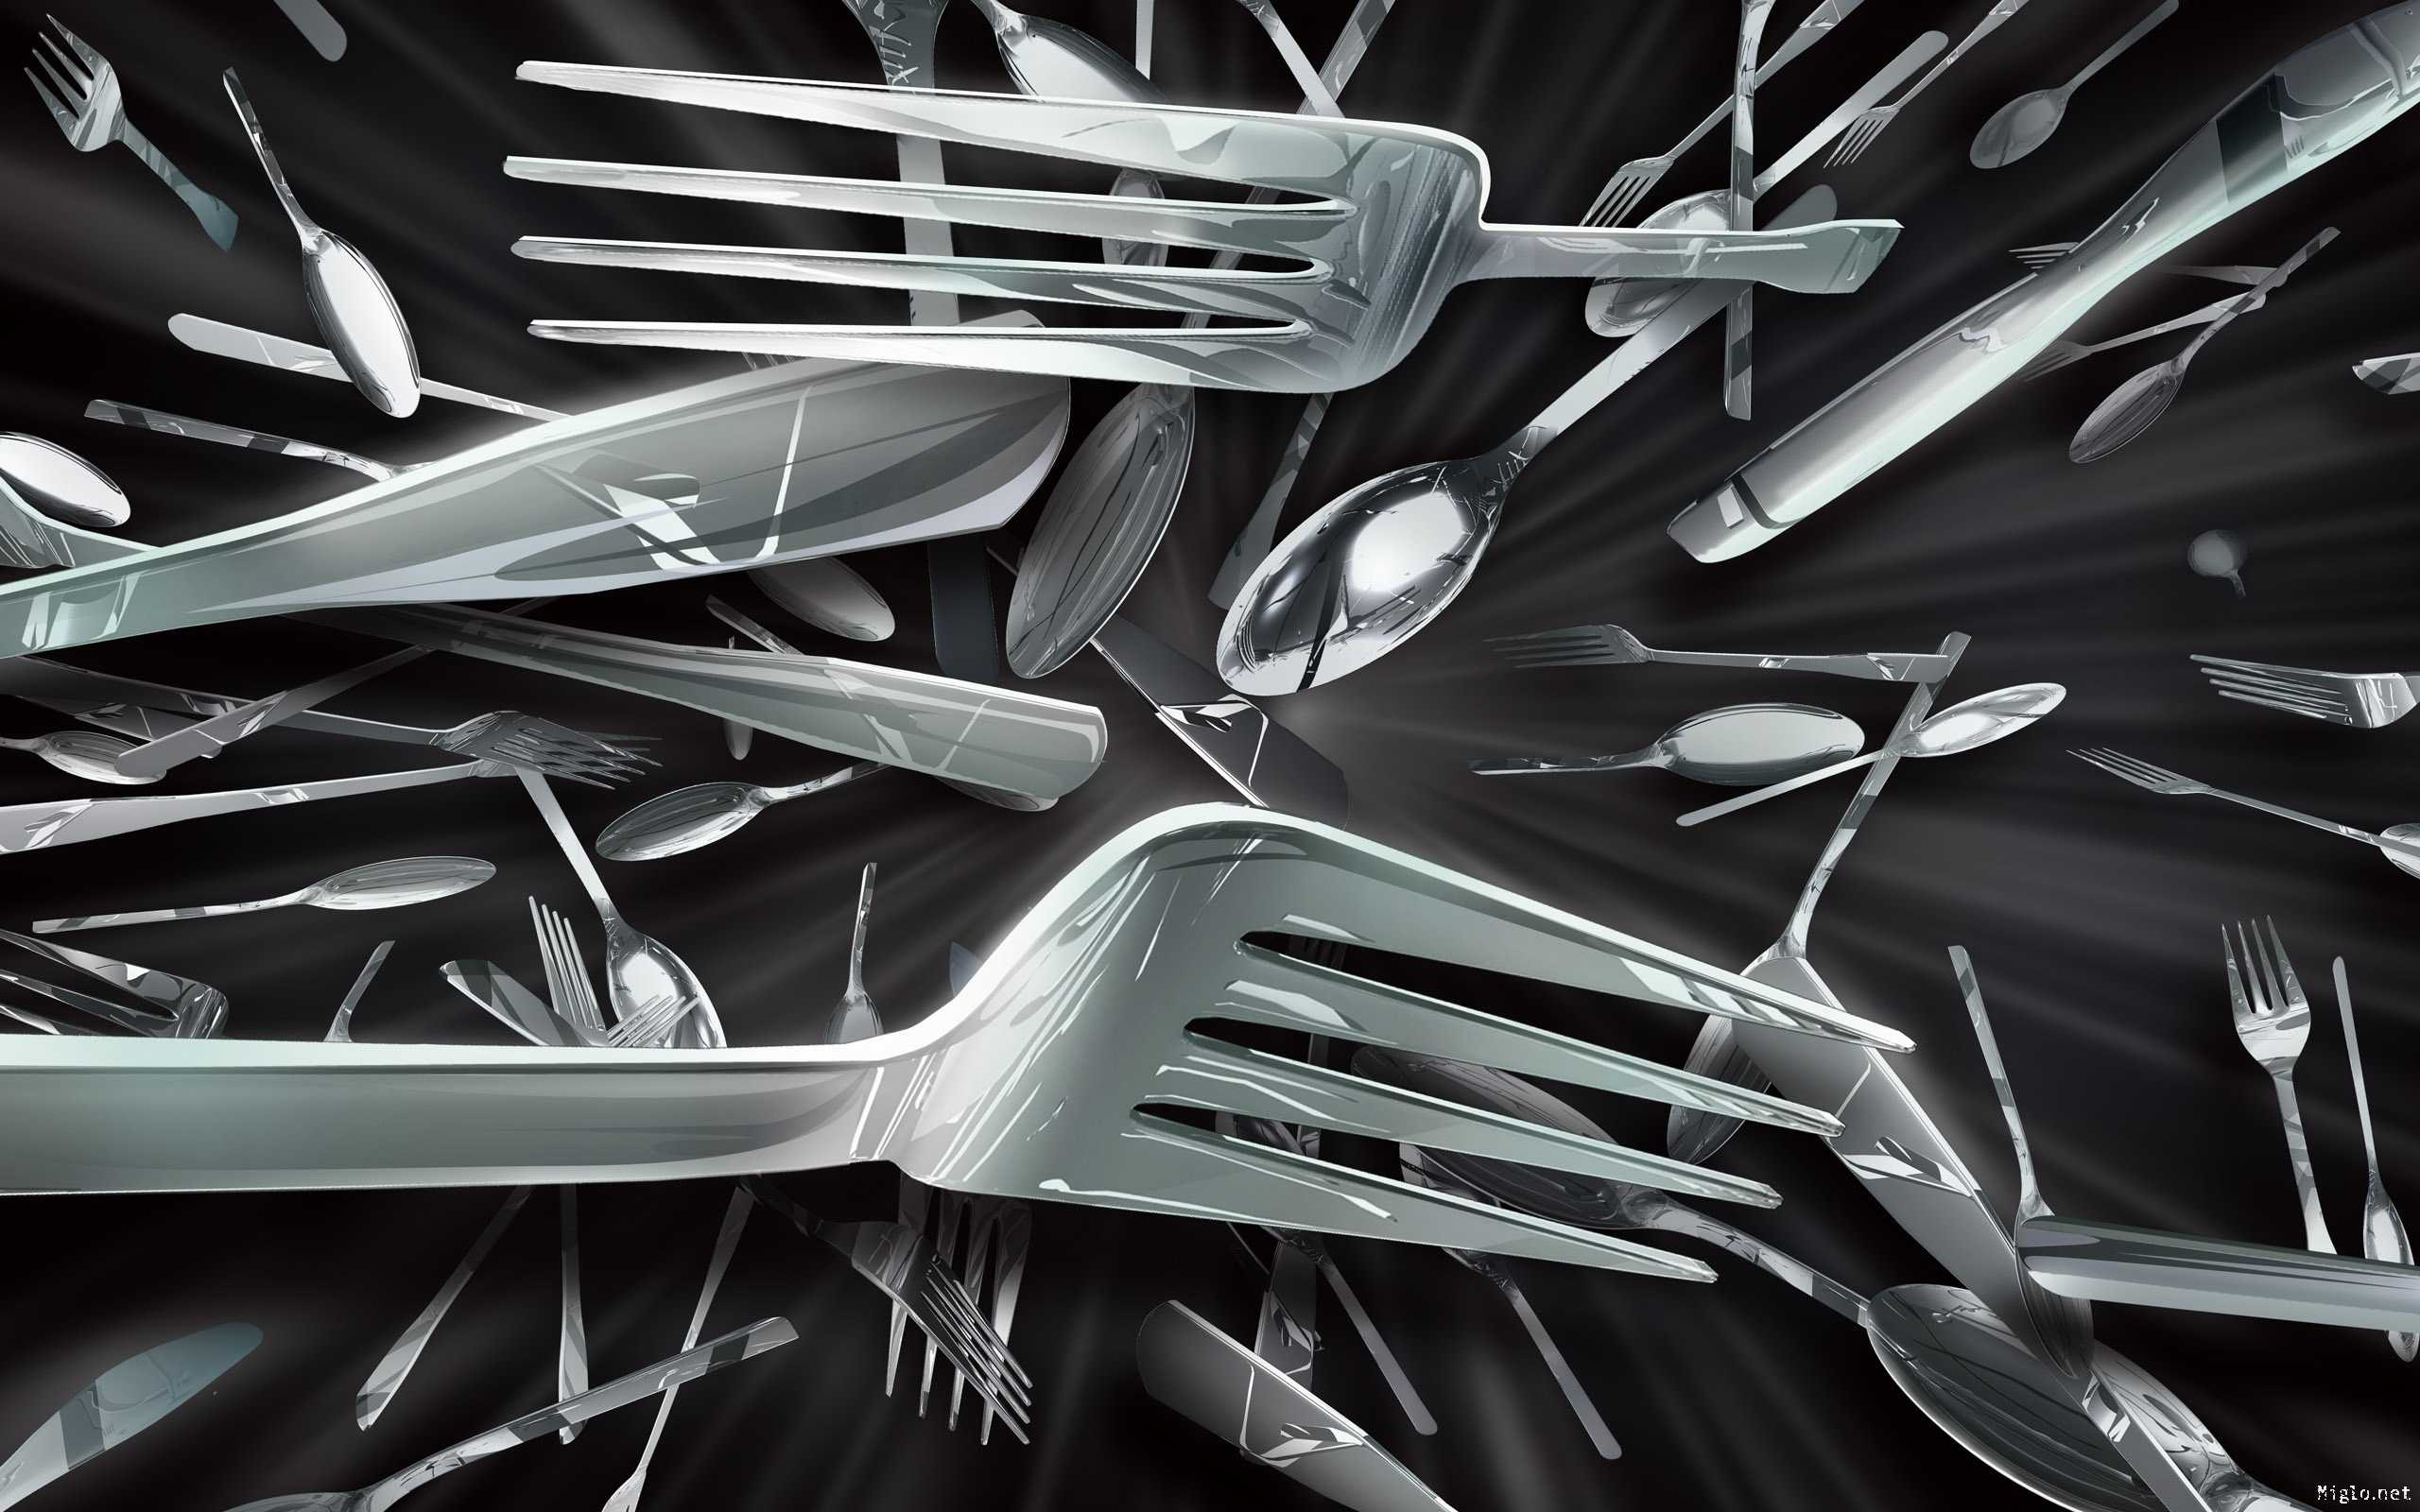 Clipart Ustensiles De Cuisine Beau Photos Charmant Ustensile De Cuisine En Et Cuisine Ustensiles Clipart